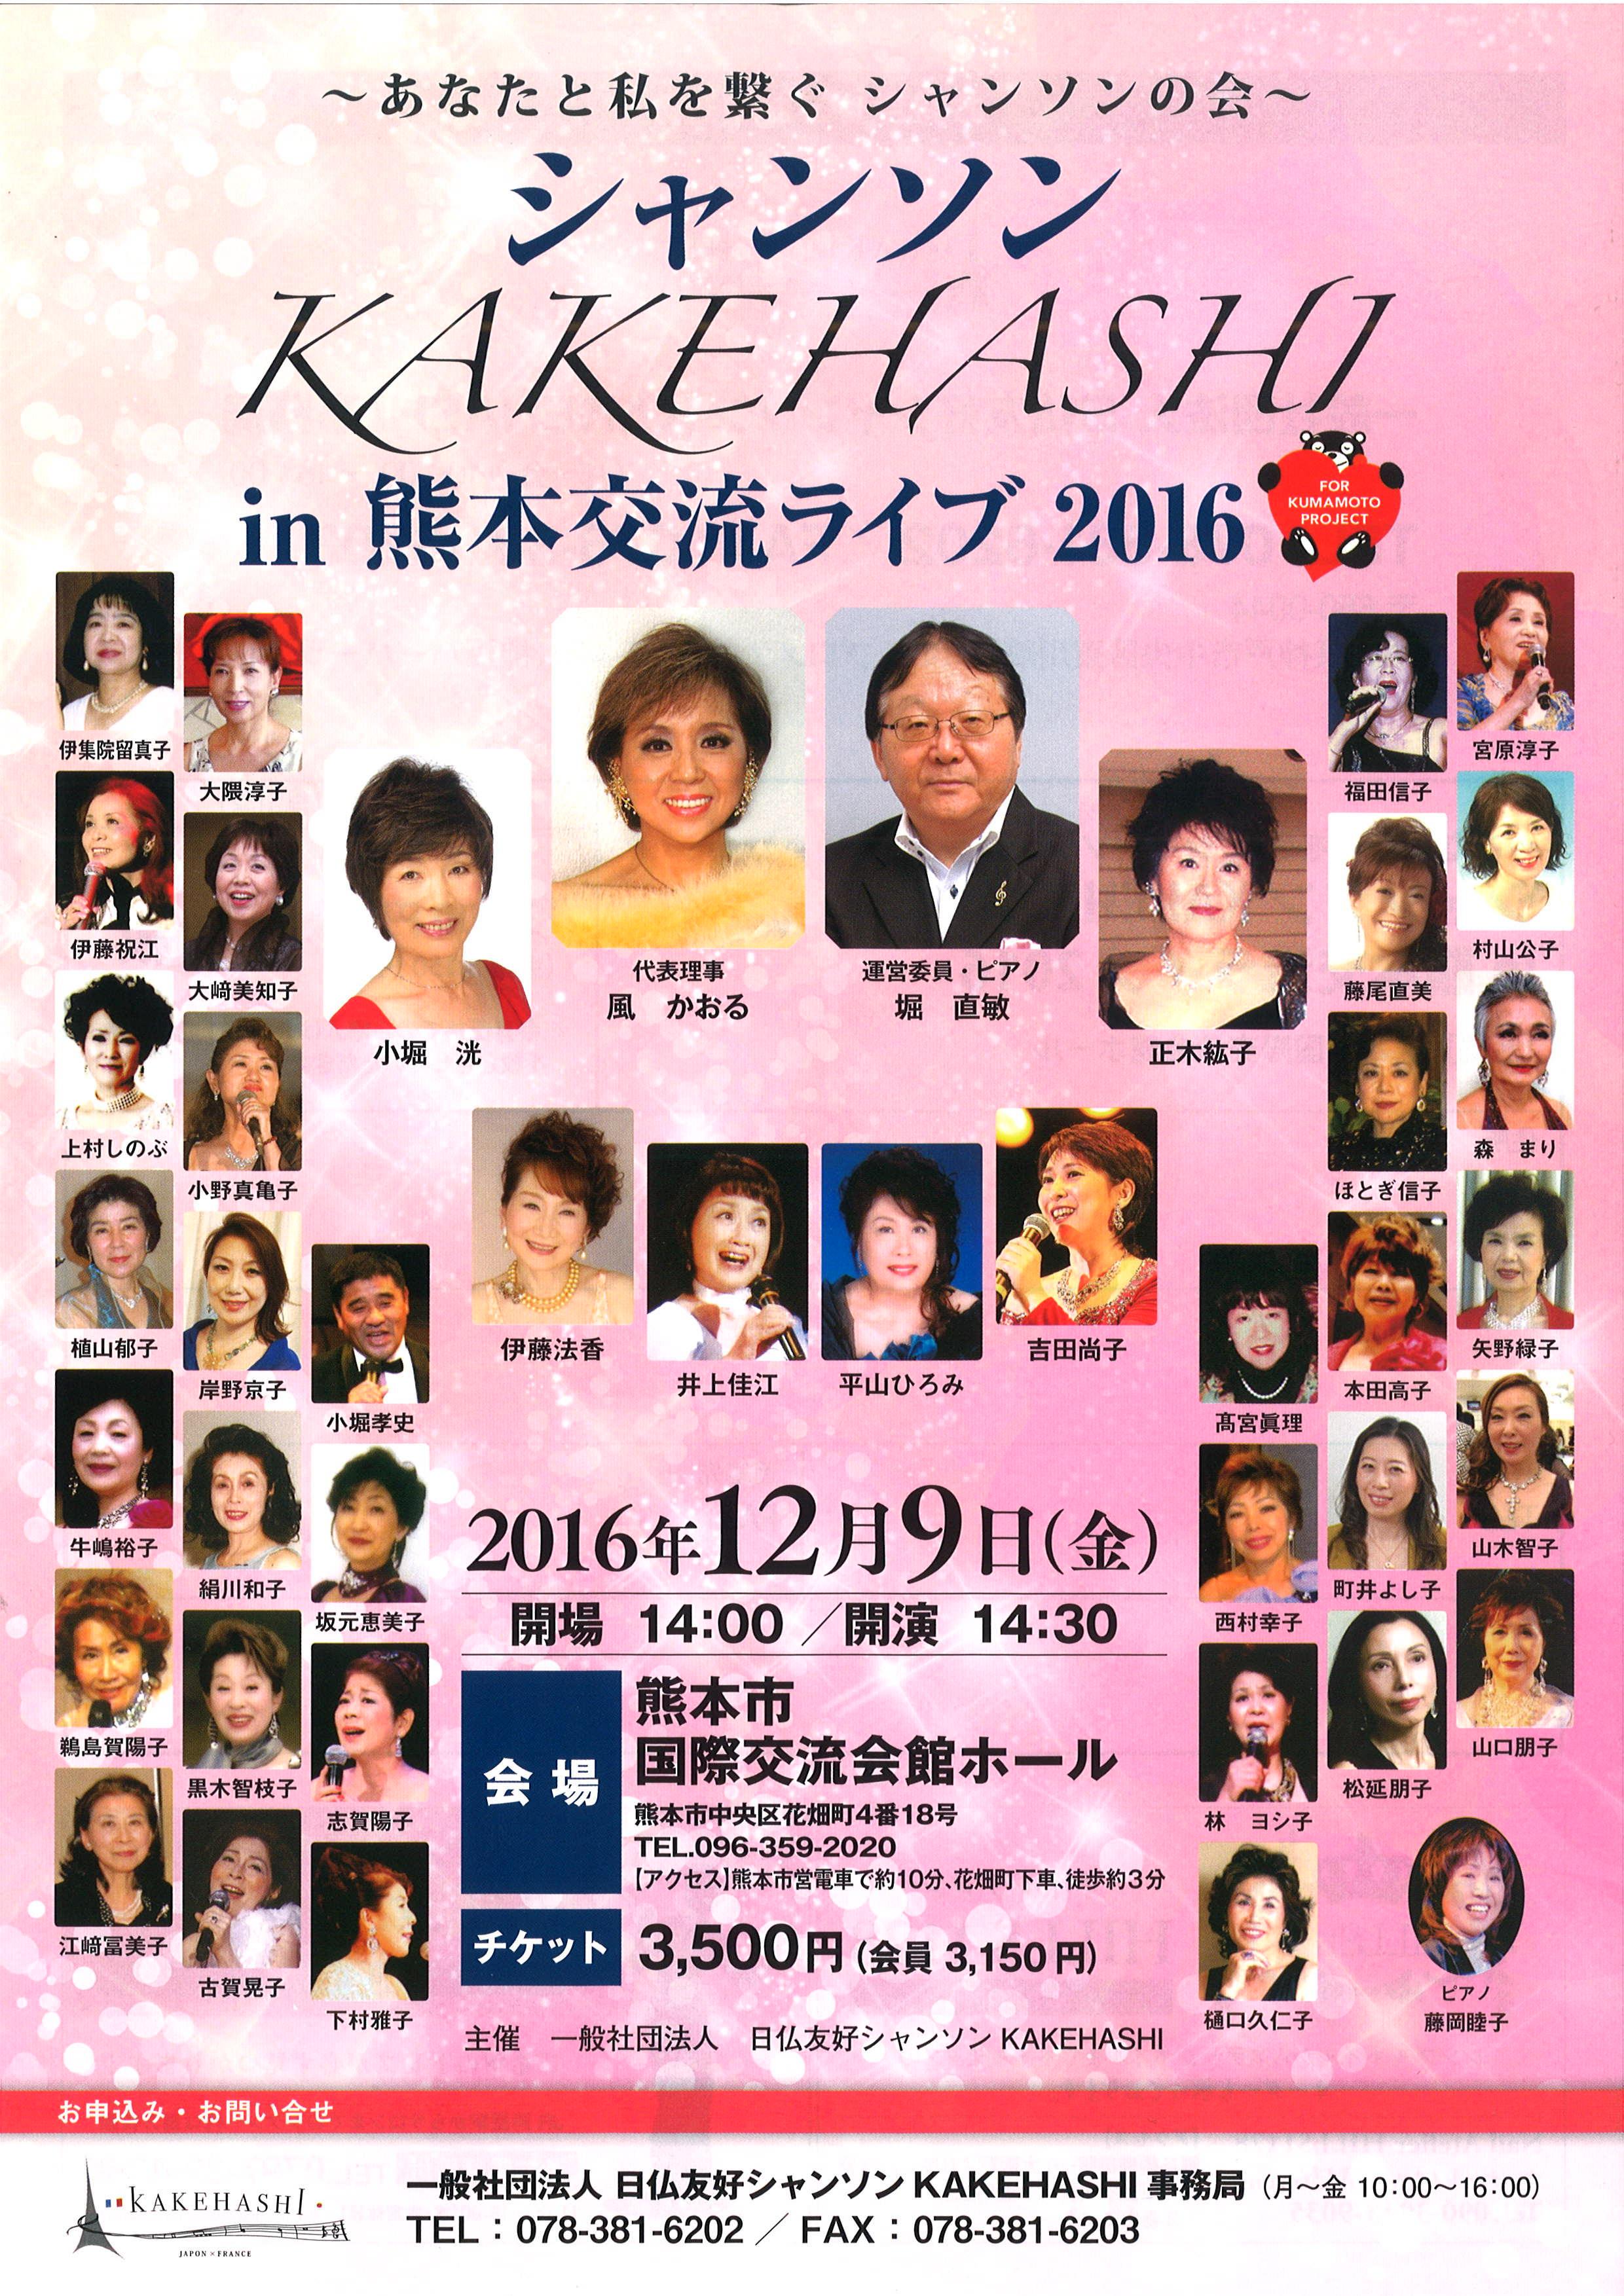 2016/09/20160914101502_00003.jpg